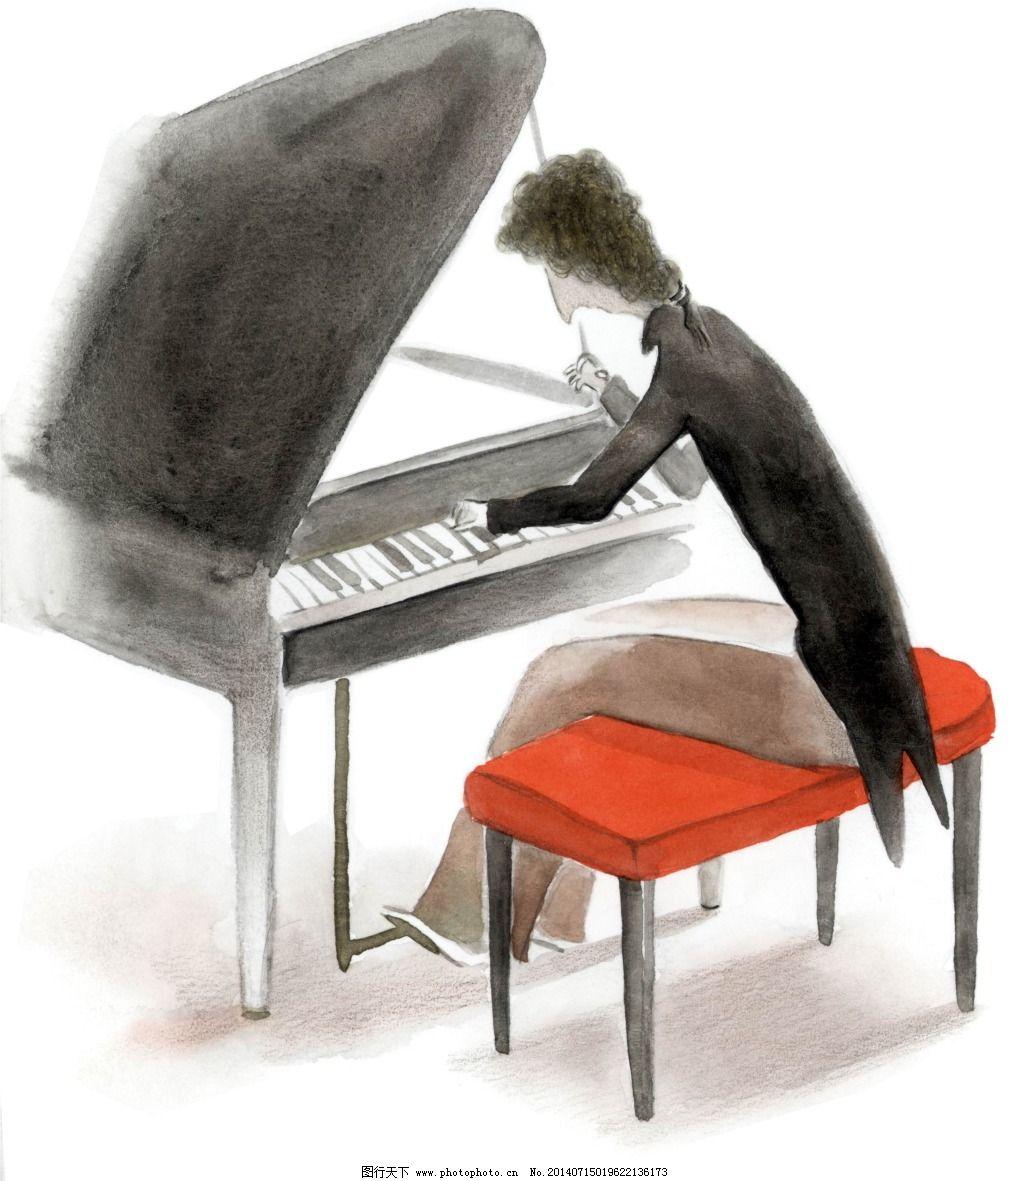 钢琴彩绘免费下载 儿童水彩画 钢琴彩绘 儿童水彩画 淡彩儿童插画